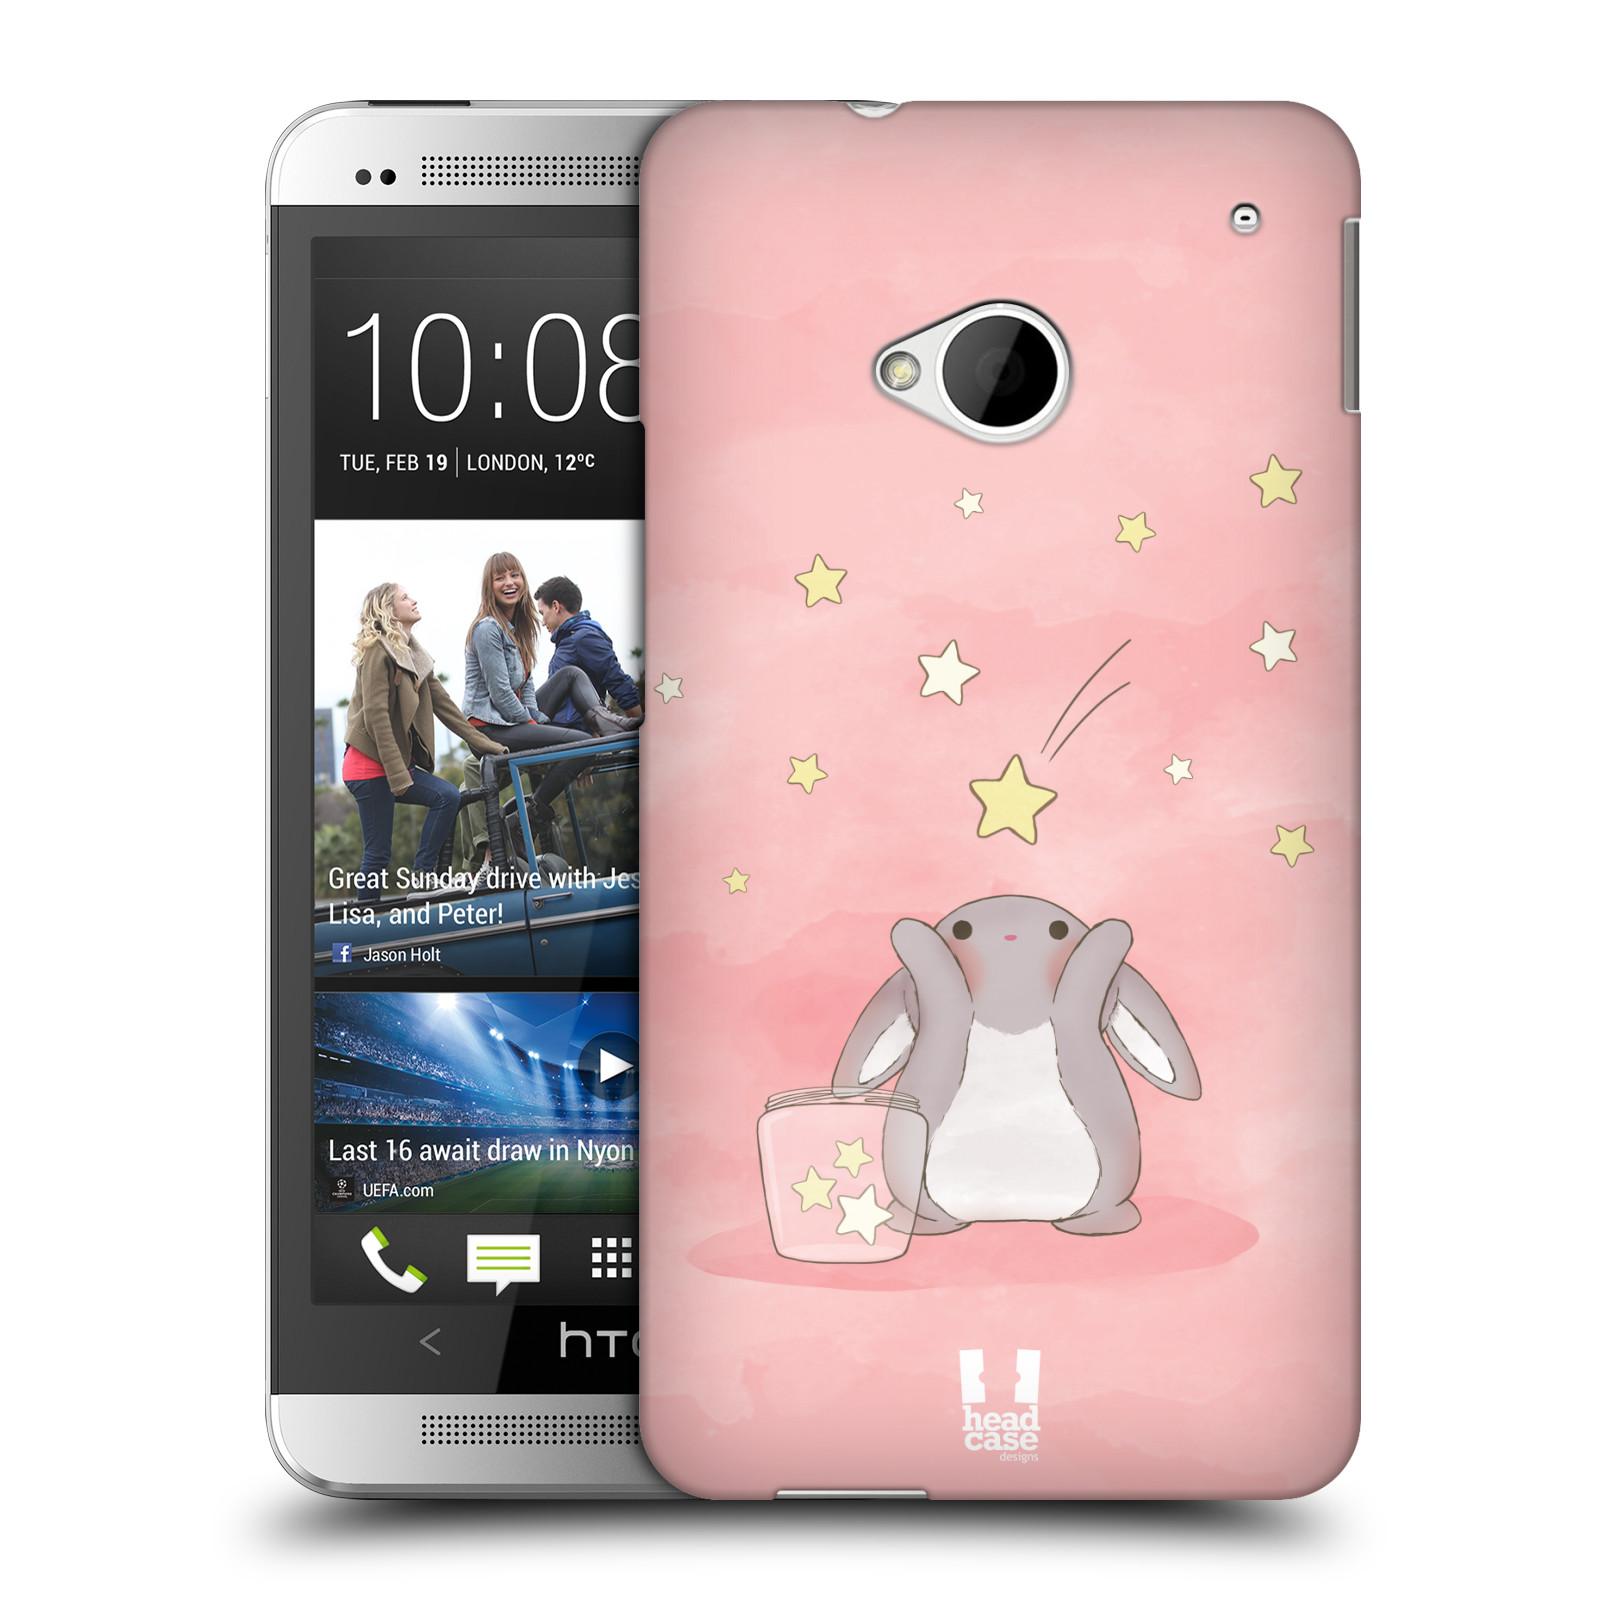 HEAD CASE plastový obal na mobil HTC One (M7) vzor králíček a hvězdy růžová